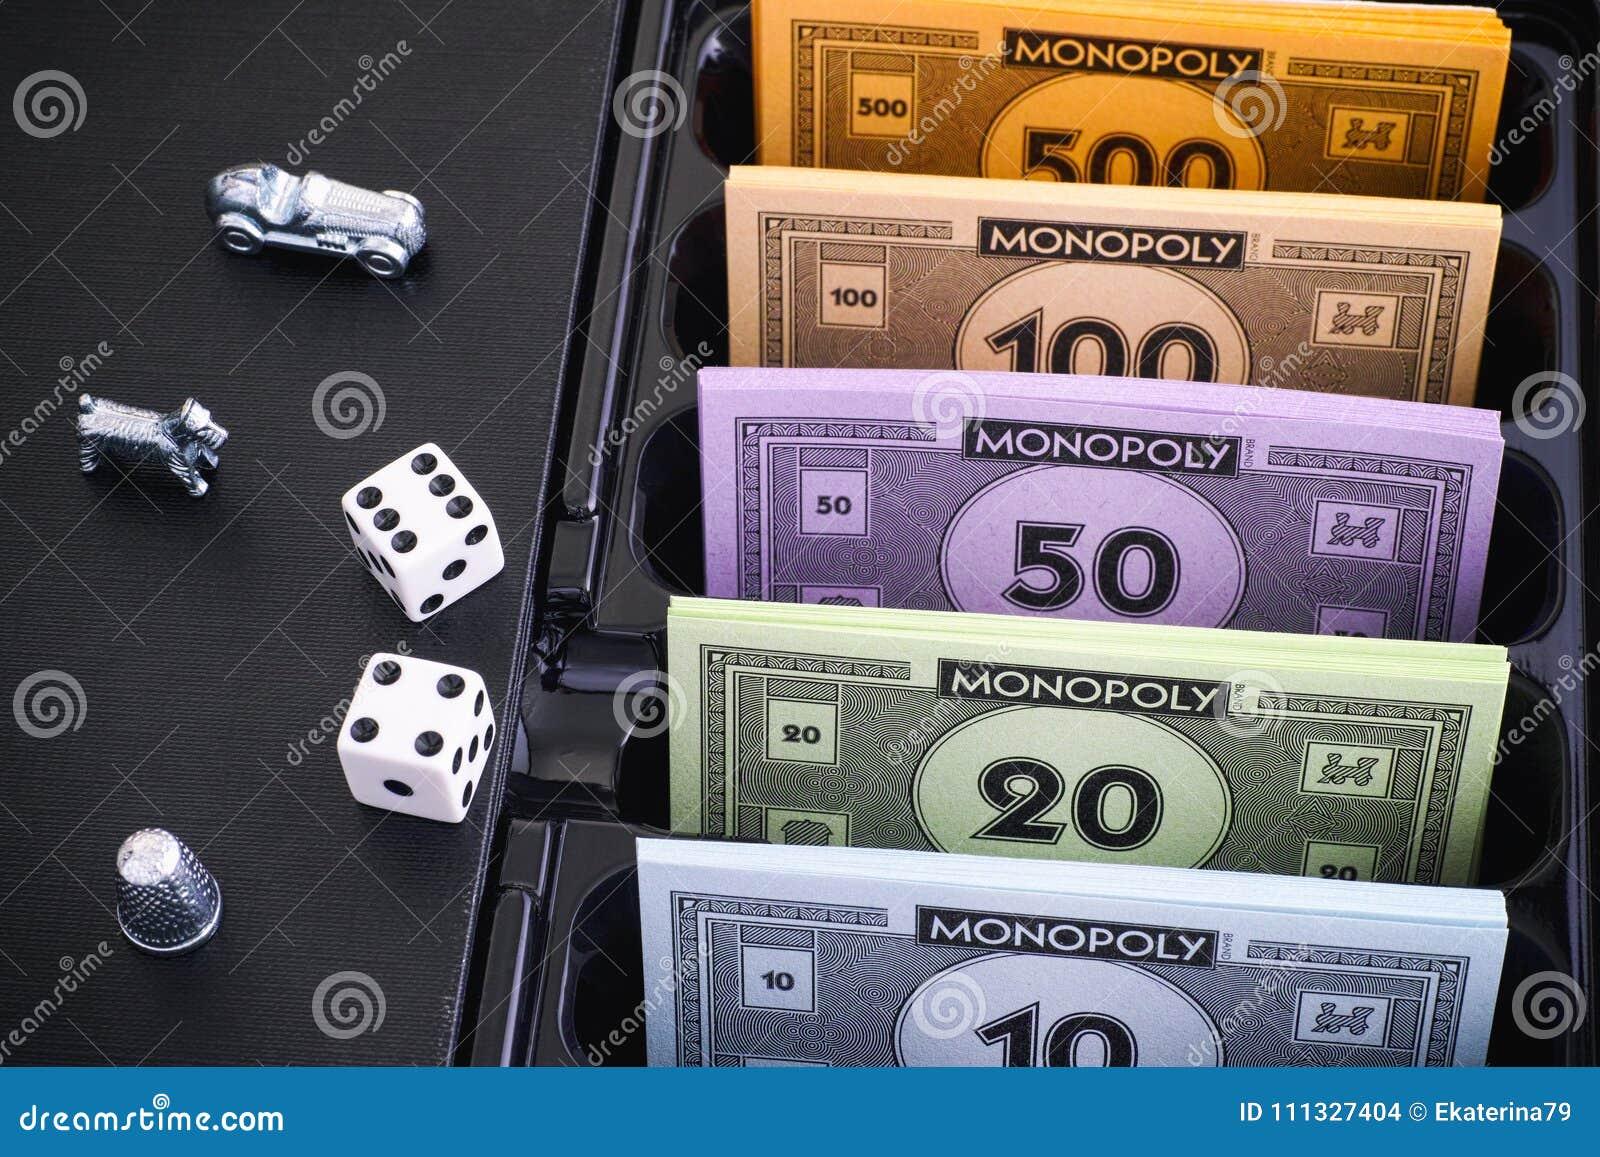 денег для настольной игры монополия